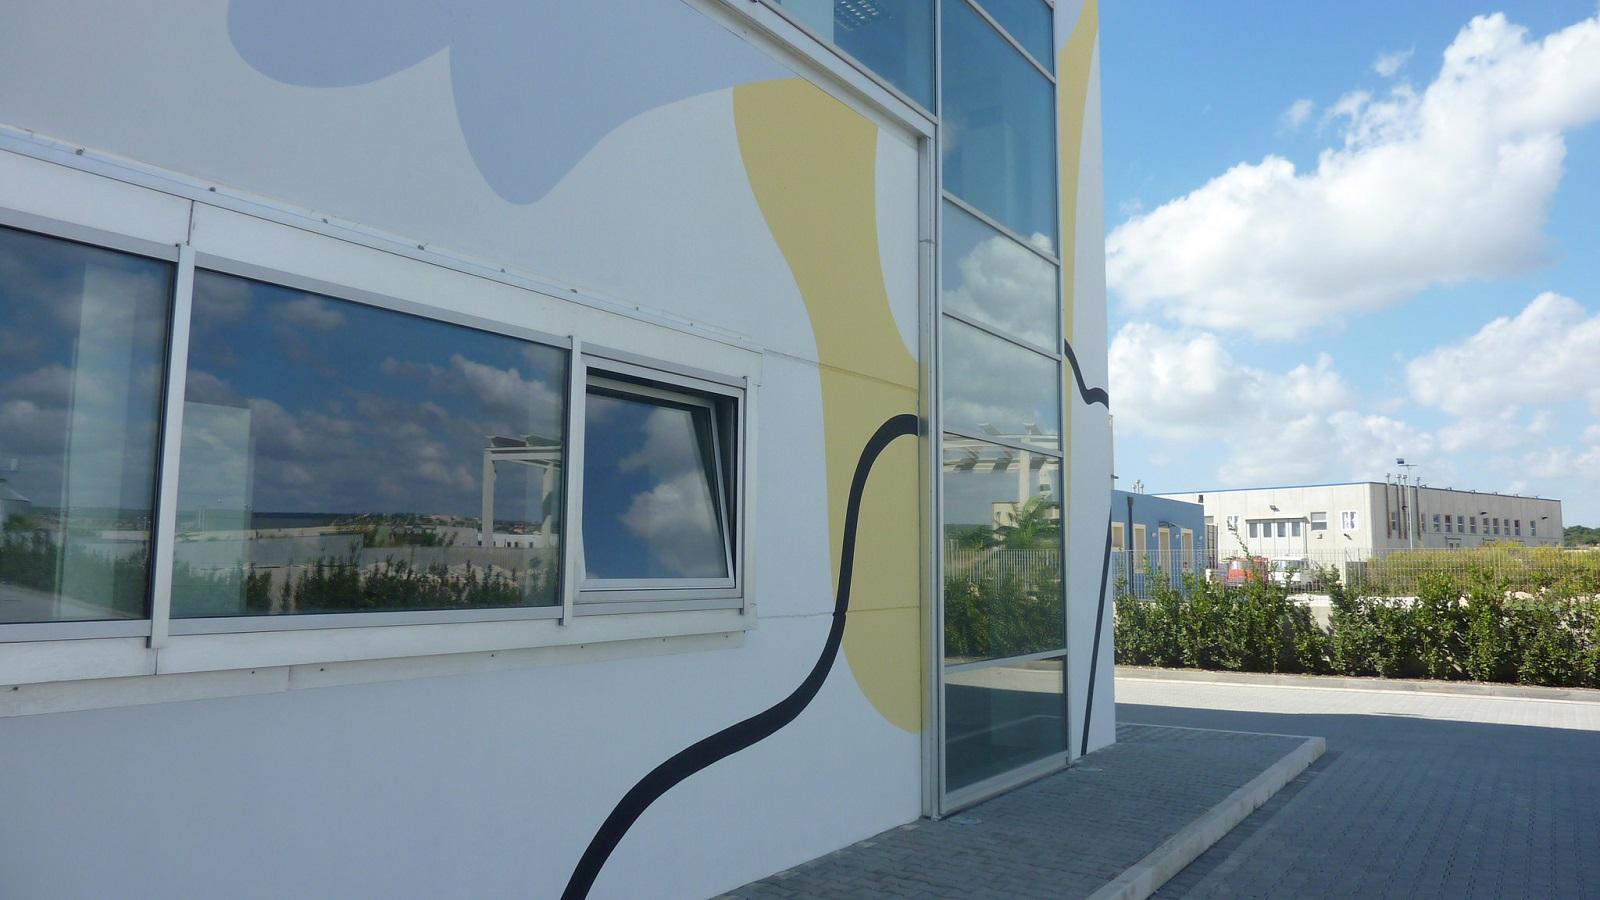 gue-new-murals-in-castrofilippo-and-modica-12